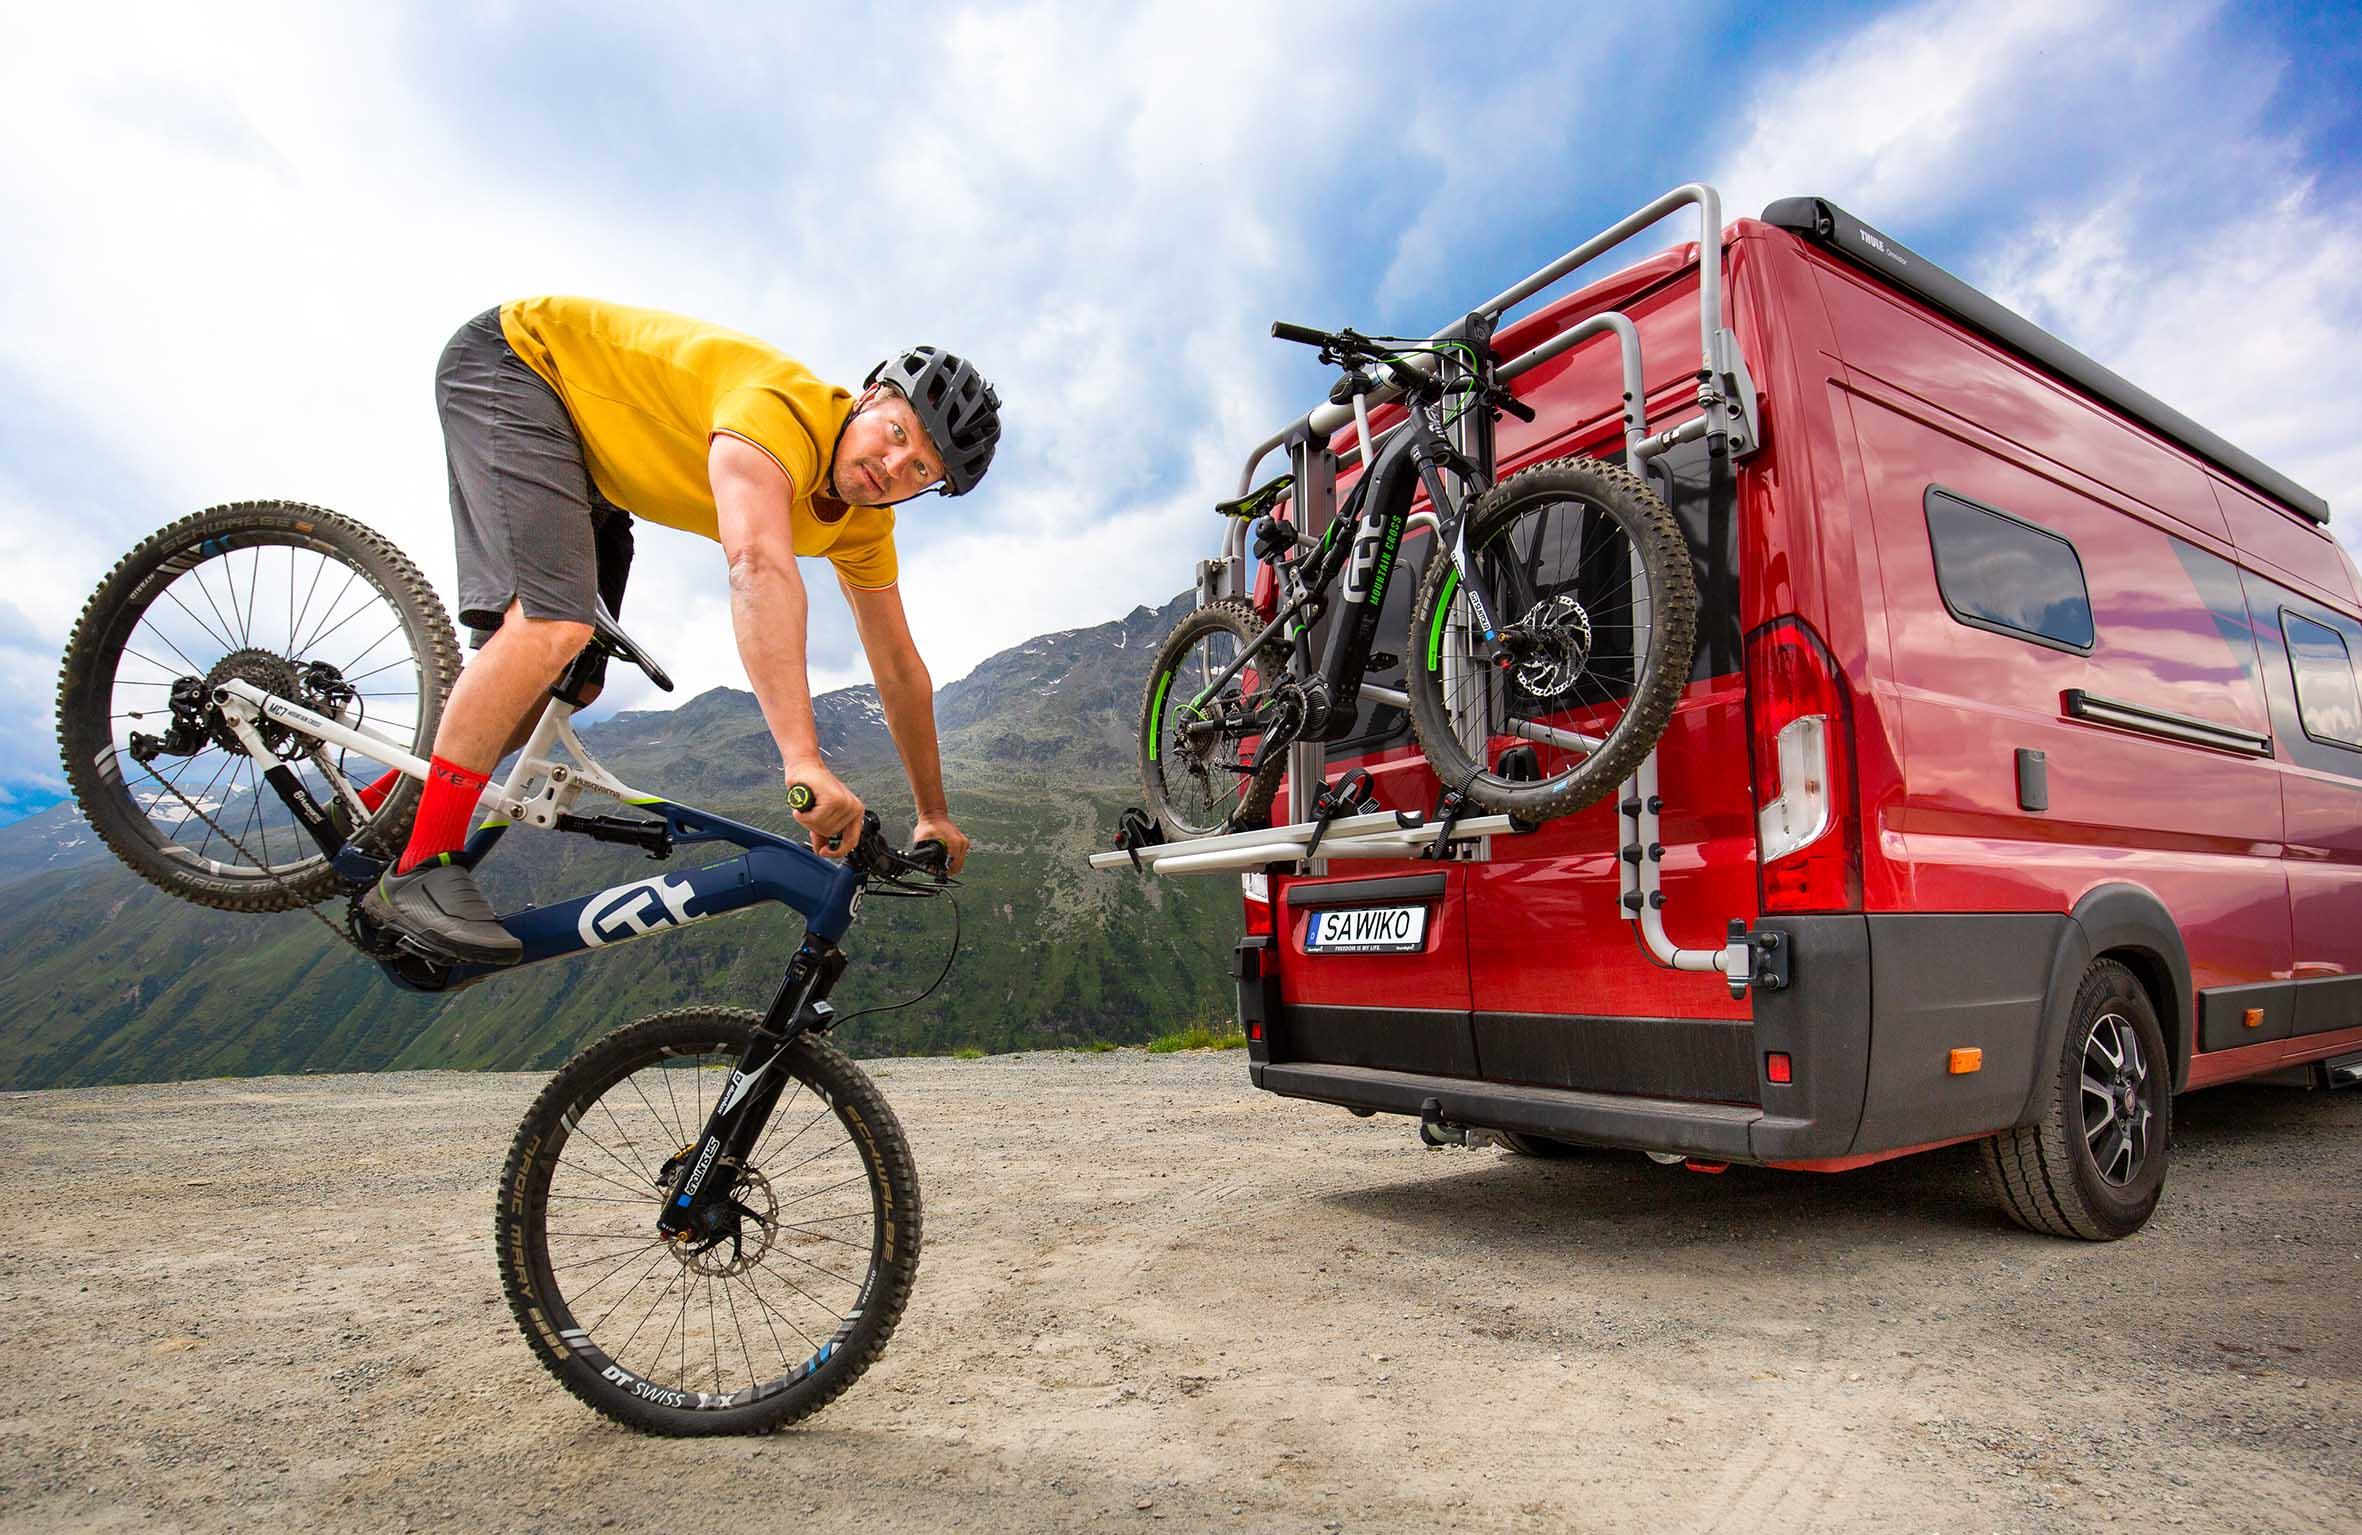 Messe Reise + Camping in Essen: Den perfekten Träger für Fahrrad, E-Bike und Motorrad finden